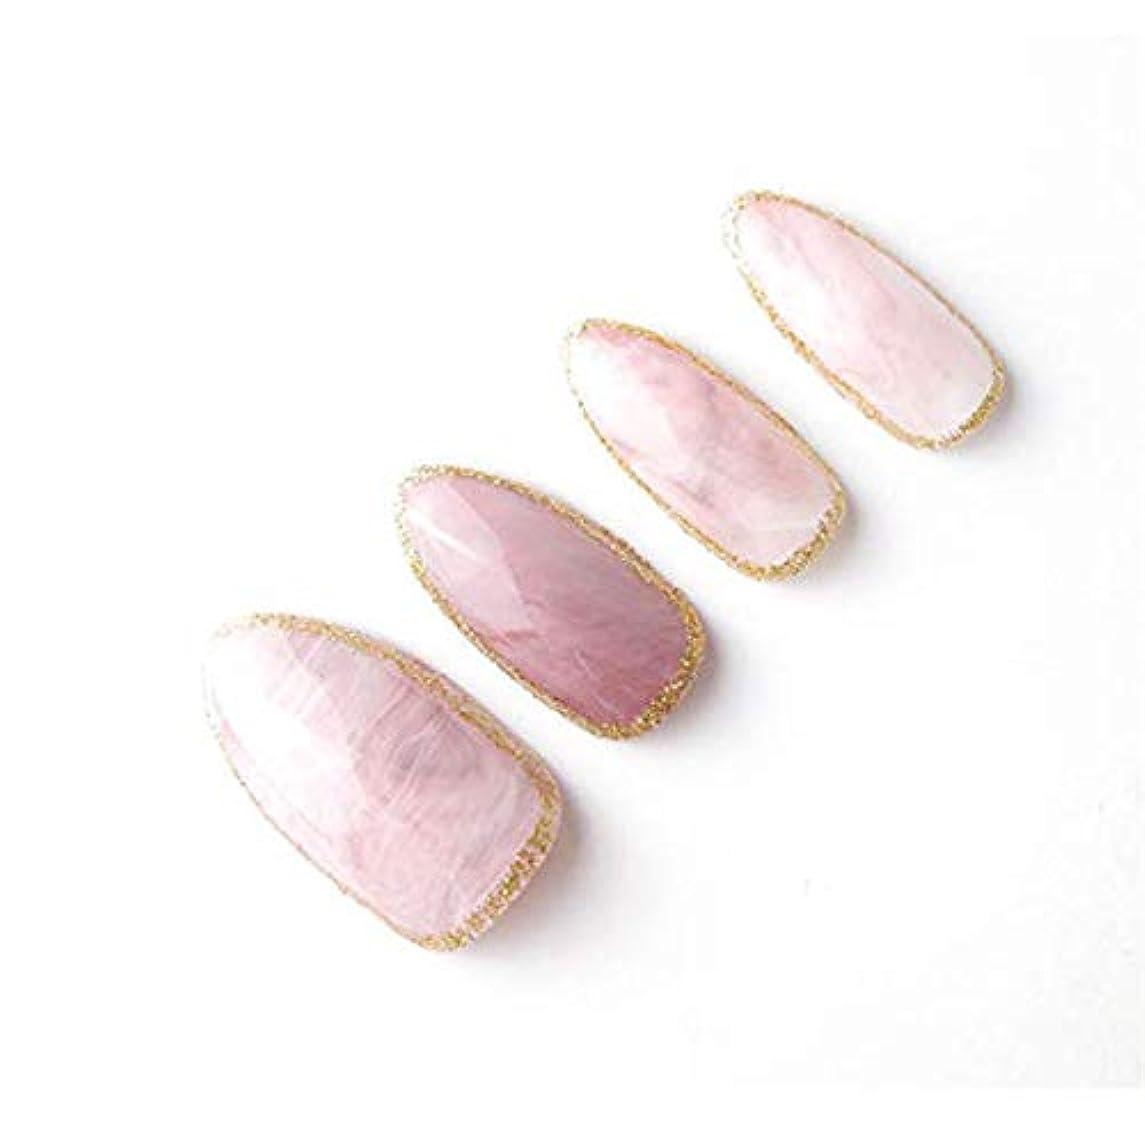 通信する抗生物質上院議員YuNail ネイルチップ 24枚 ピンク 石の質感 楕円形状 短い アクリル